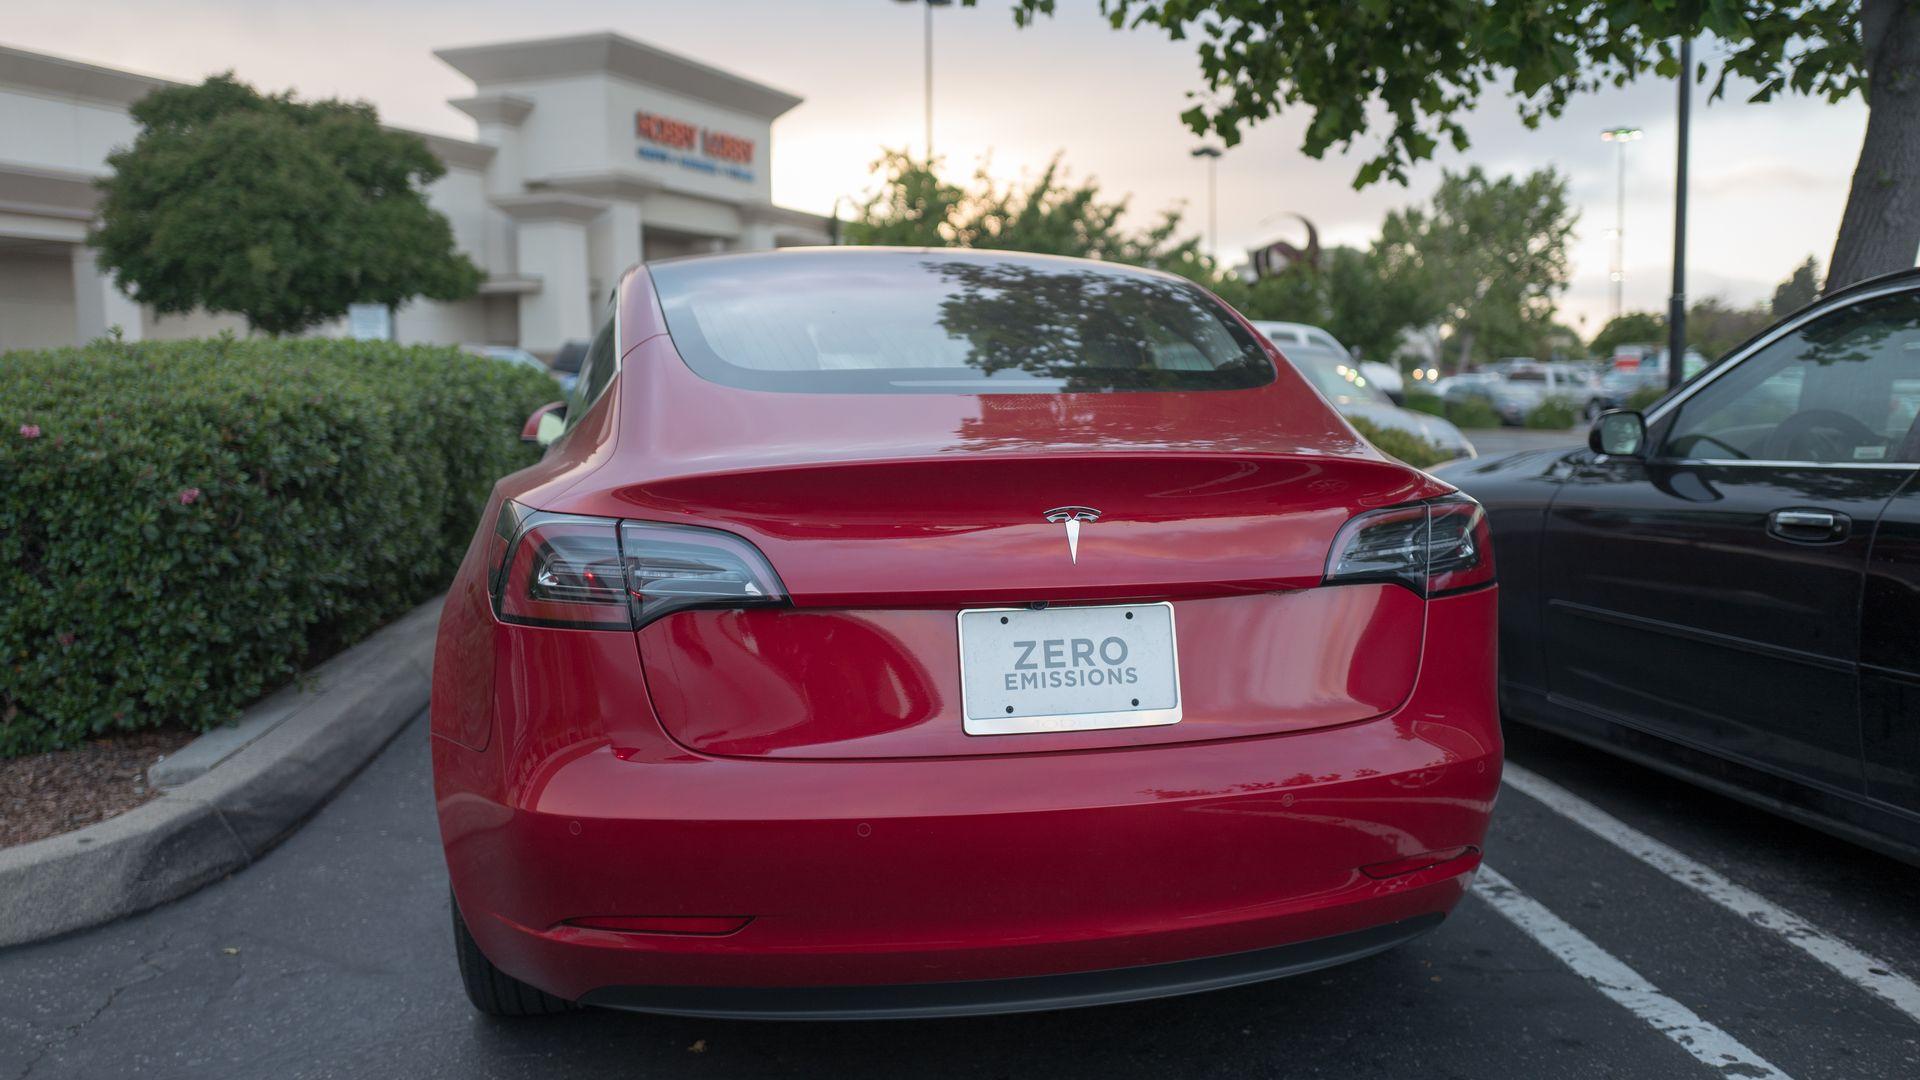 The backend of a Tesla model 3 sedan.